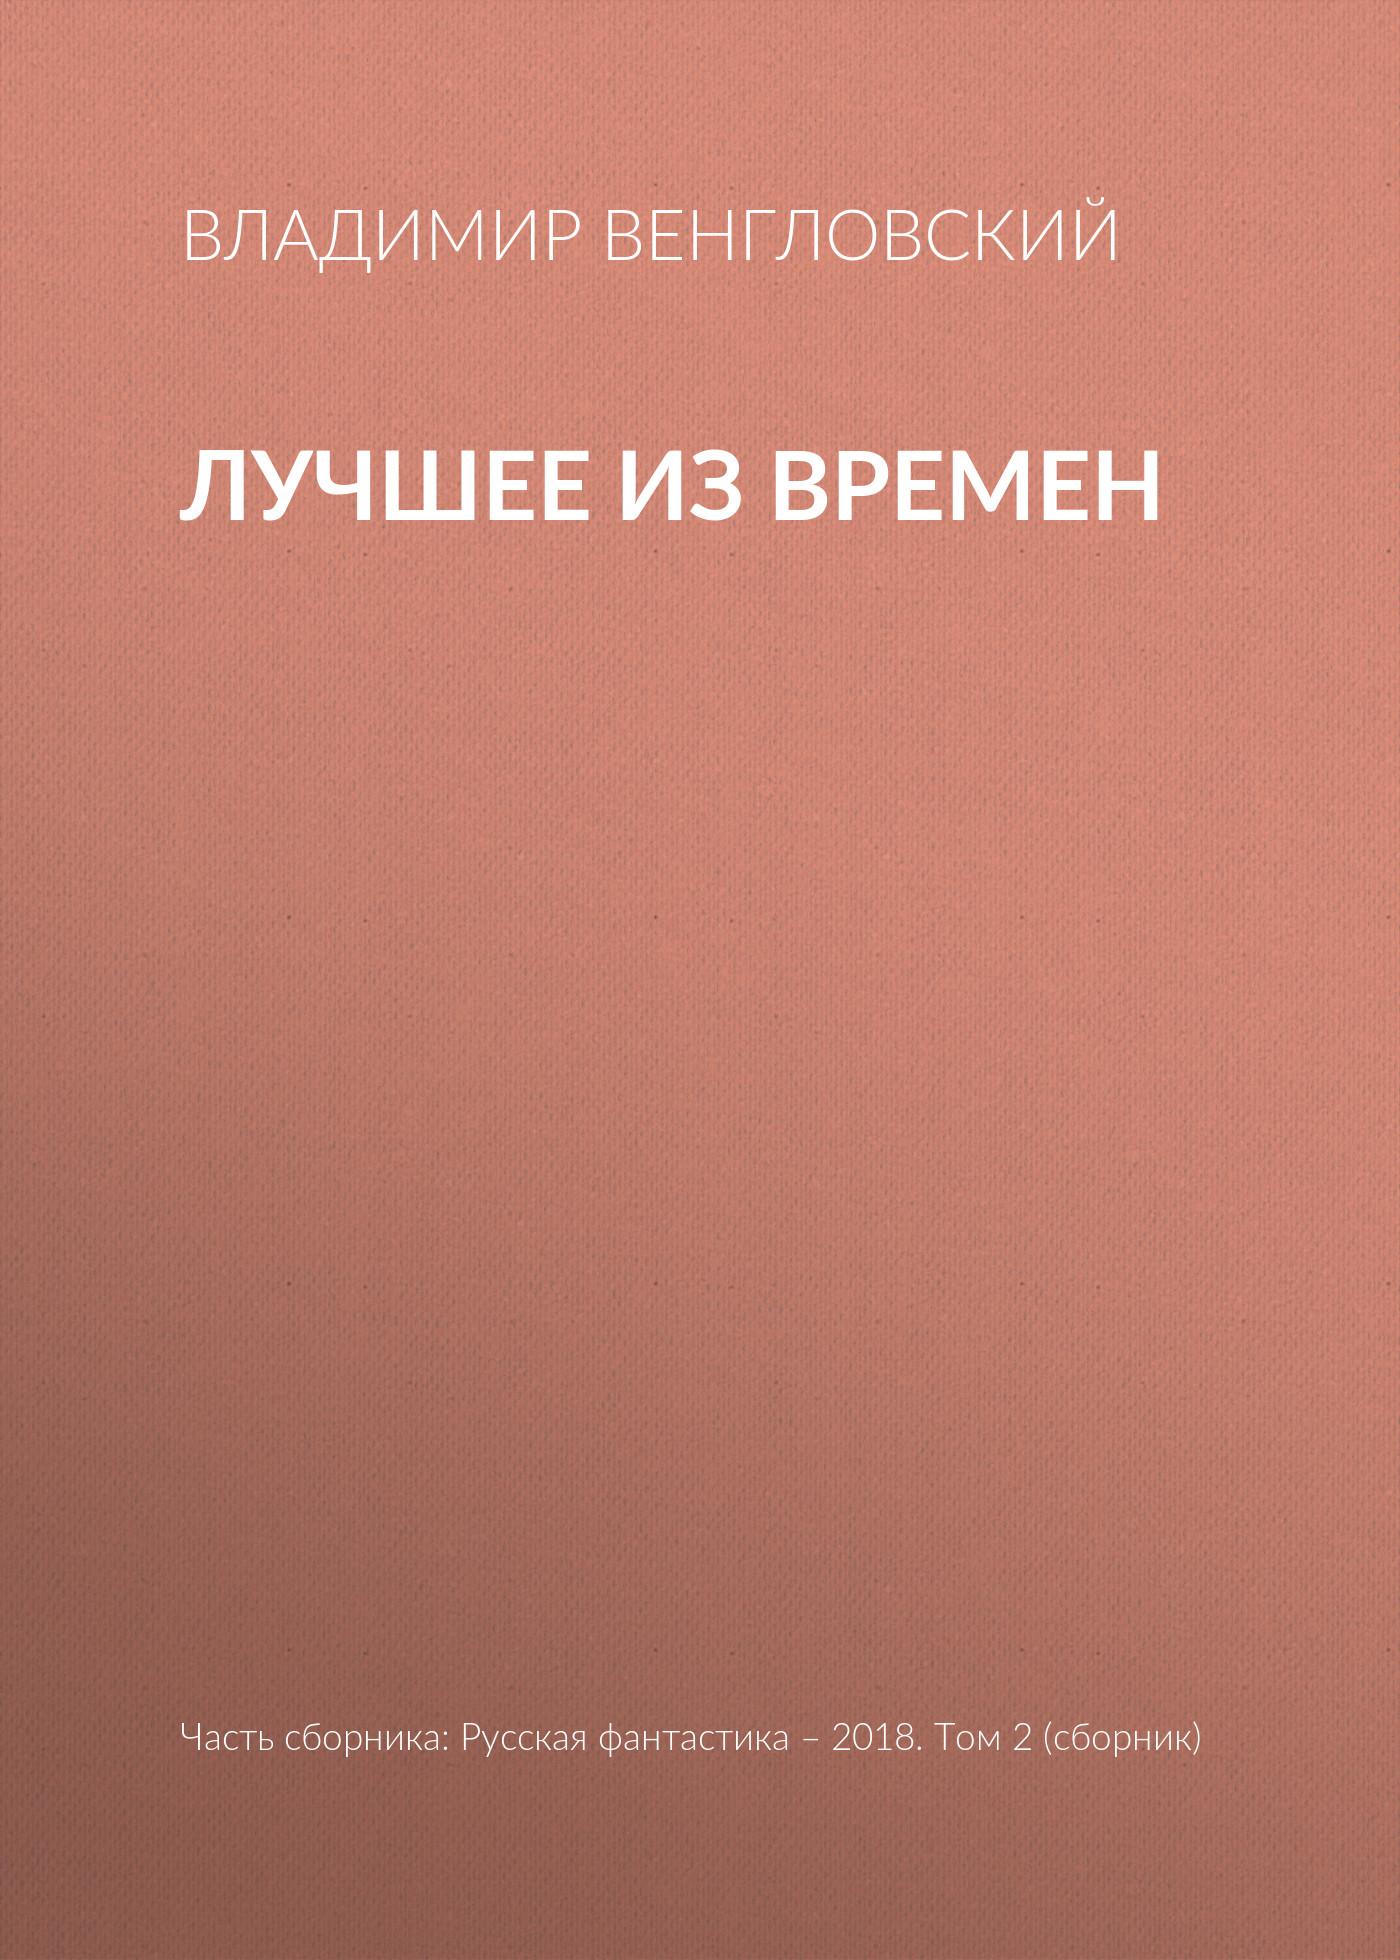 Владимир Венгловский Лучшее из времен владимир венгловский геноморф